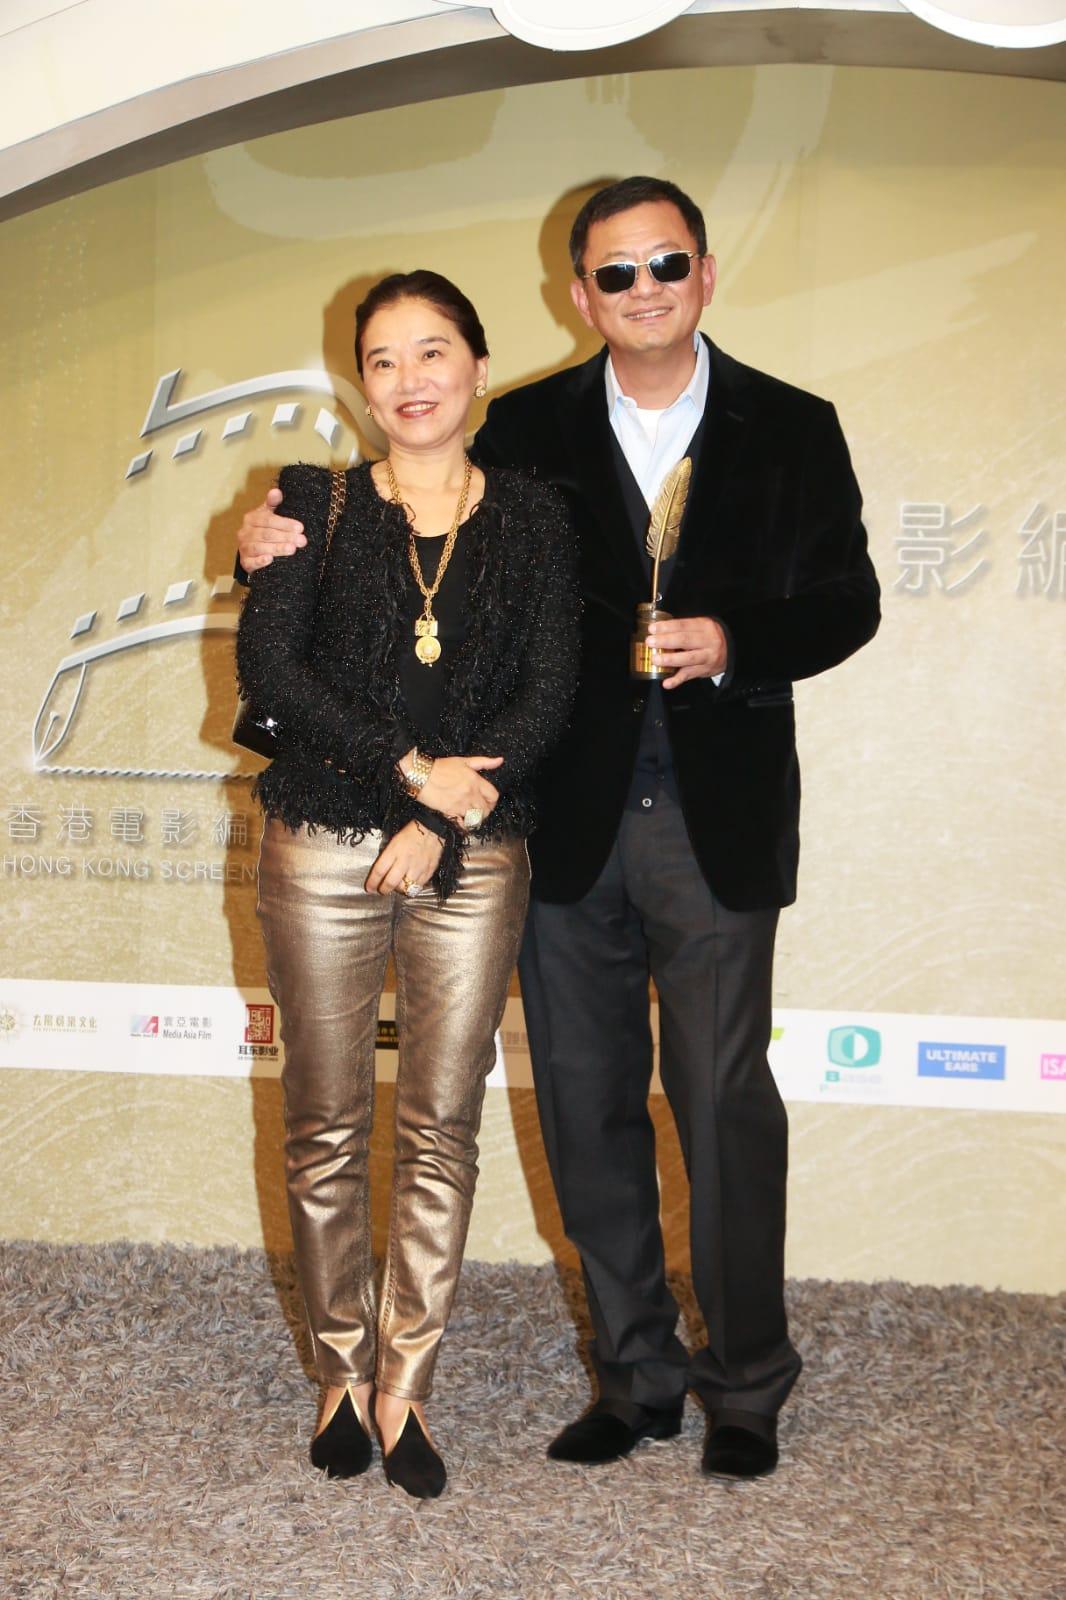 王家衛獲電影編劇家協會頒發「榮譽大獎」。